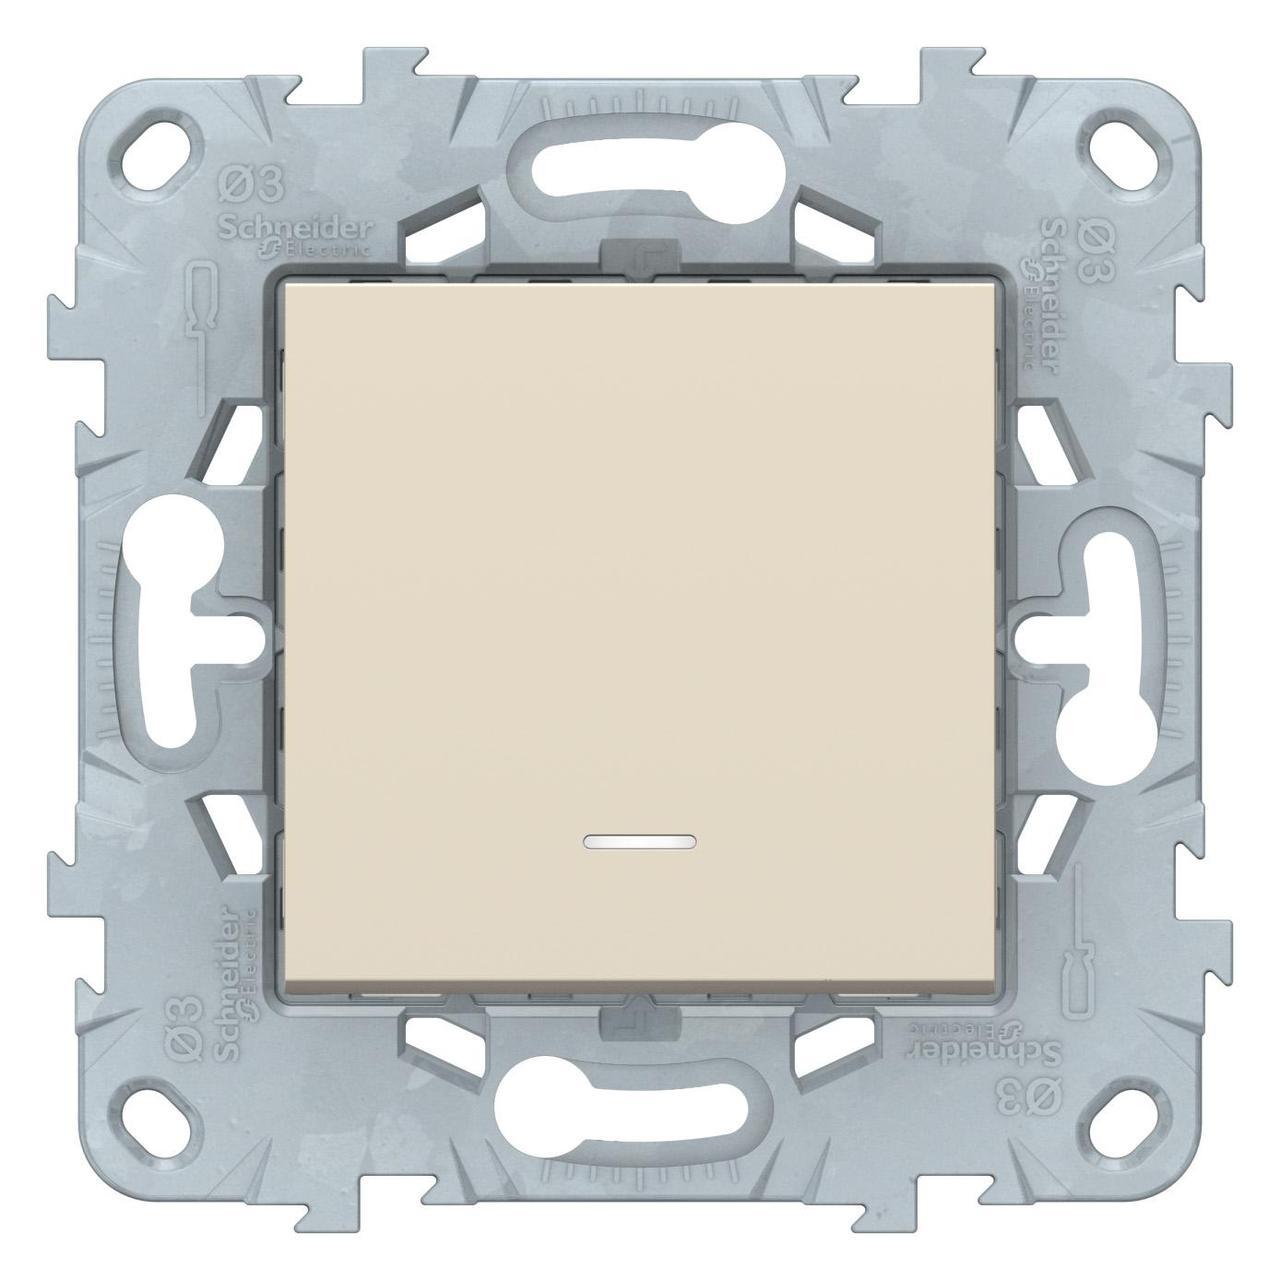 Выключатель 1-клавишный; кнопочный с подсветкой , Бежевый, серия Unica New, Schneider Electric